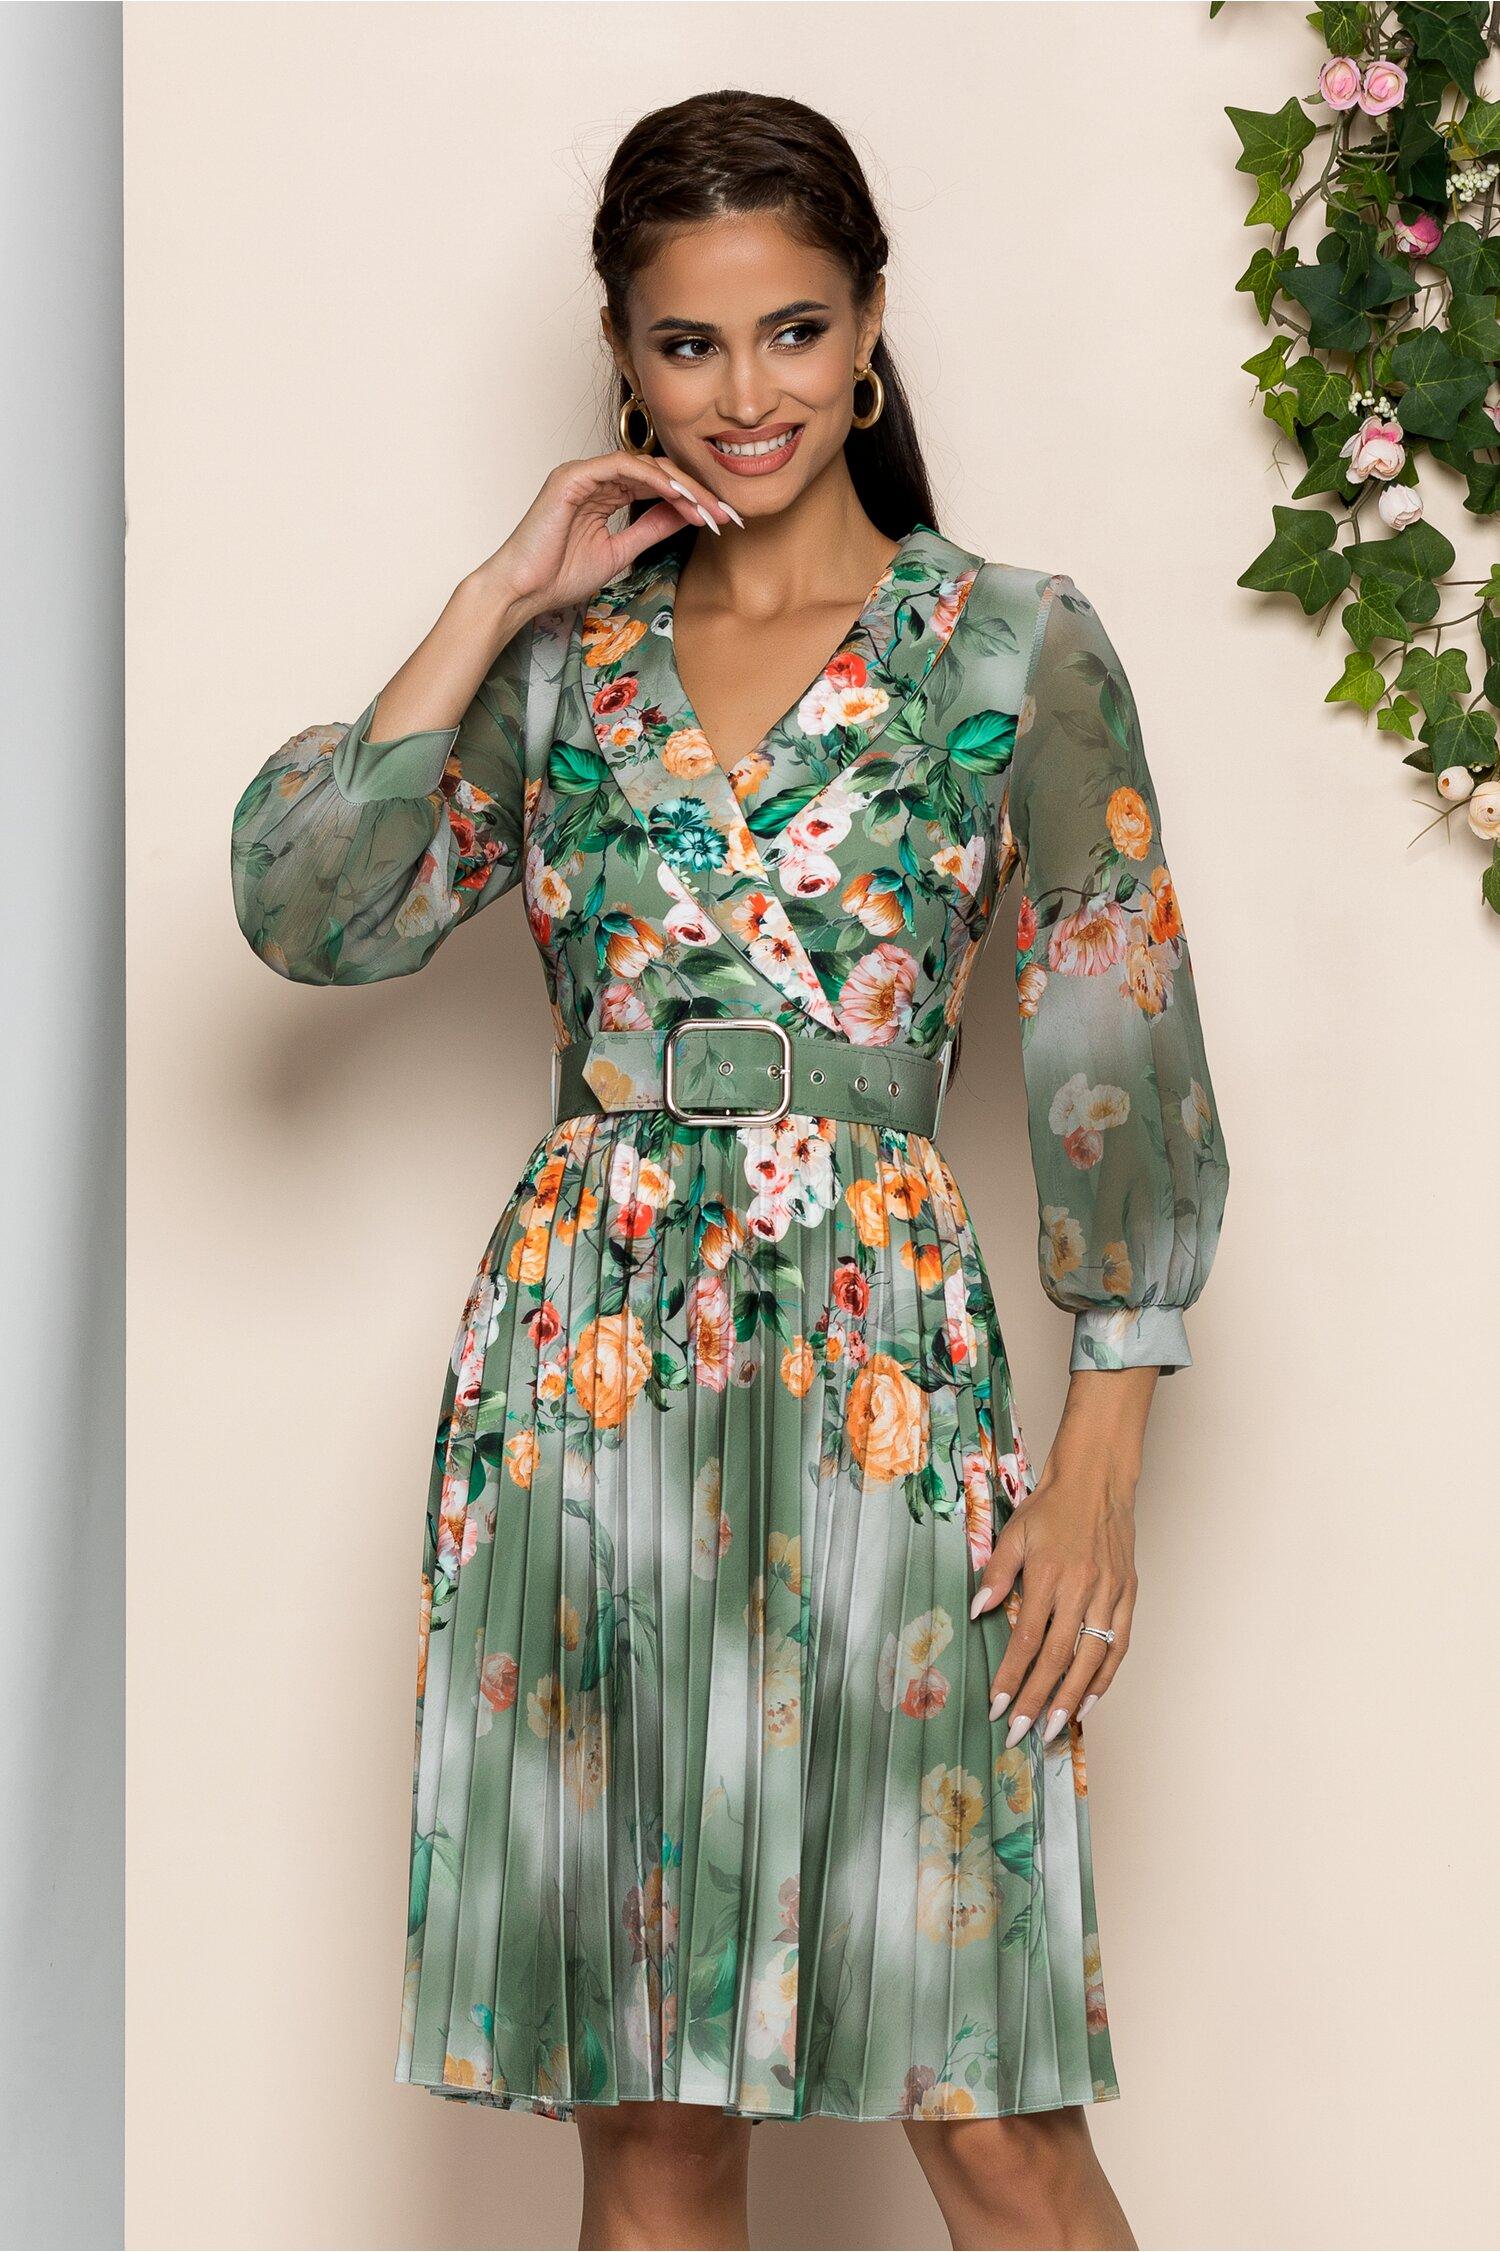 Rochie Maxine verde cu imprimeu floral orange si guler tip sal